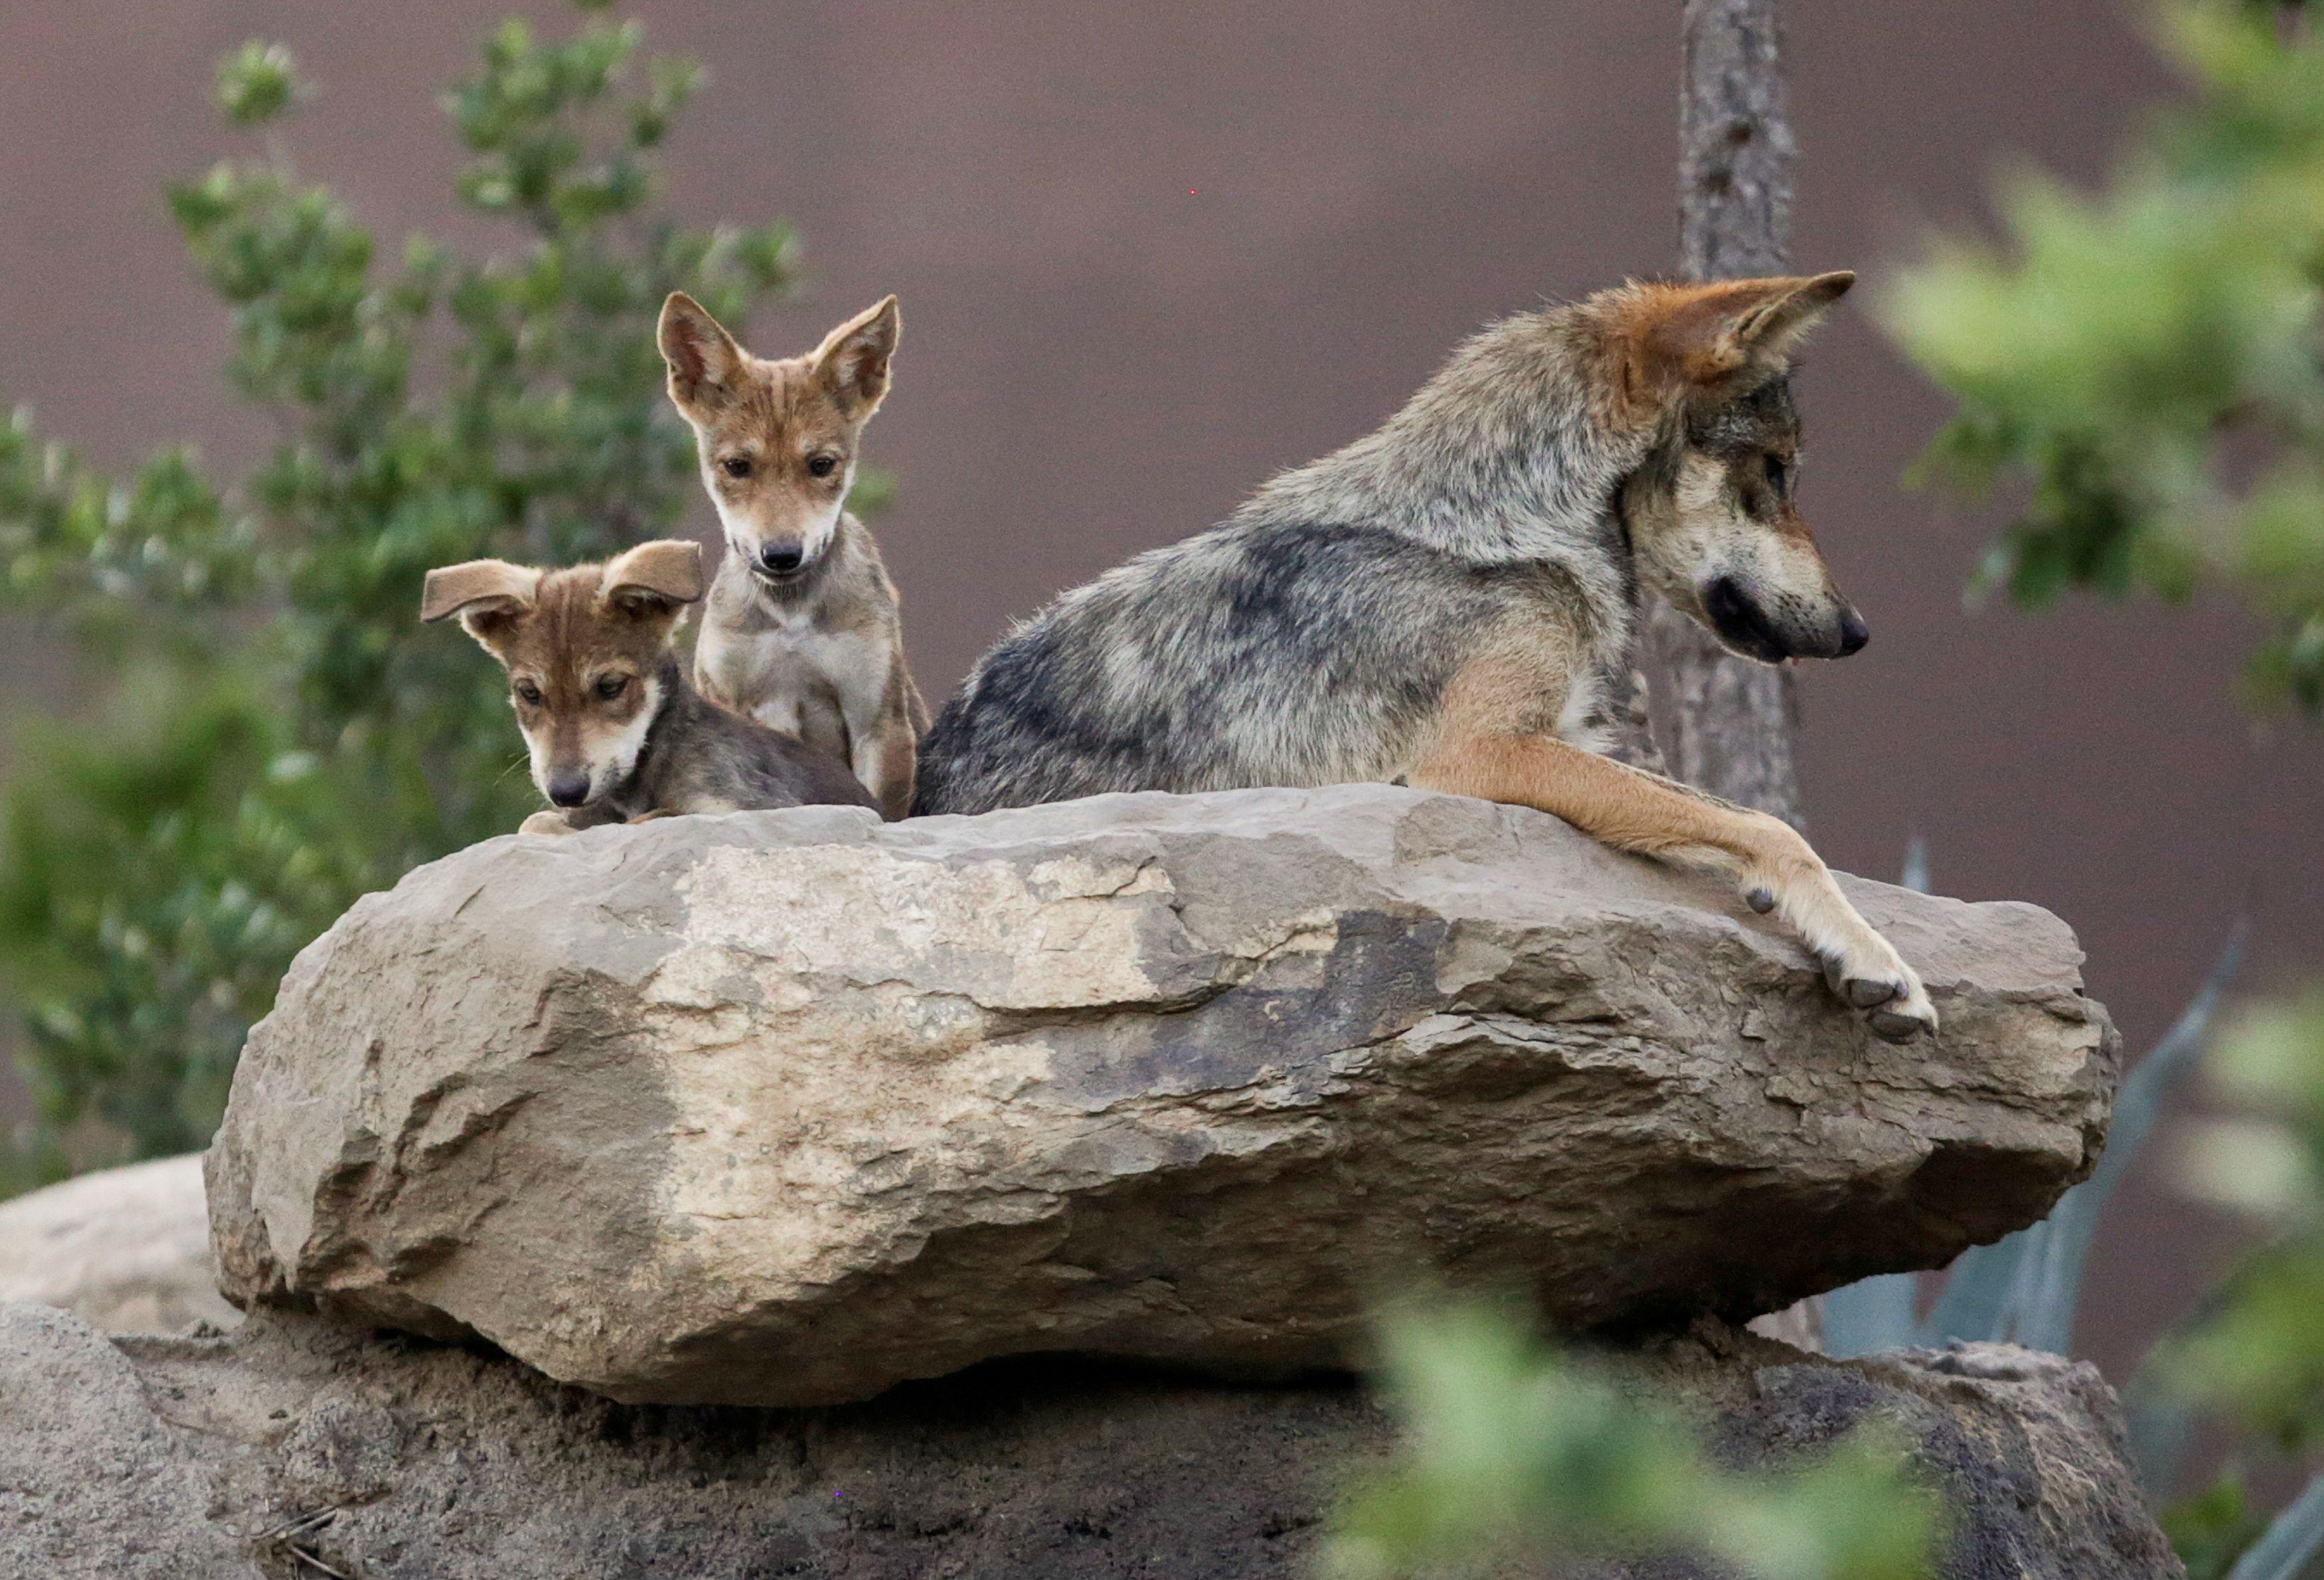 Los cachorros de lobo gris mexicano, se ven en su recinto en el Museo del Desierto en Saltillo, México, 2 de julio de 2020. (Foto: REUTERS / Daniel Becerril)